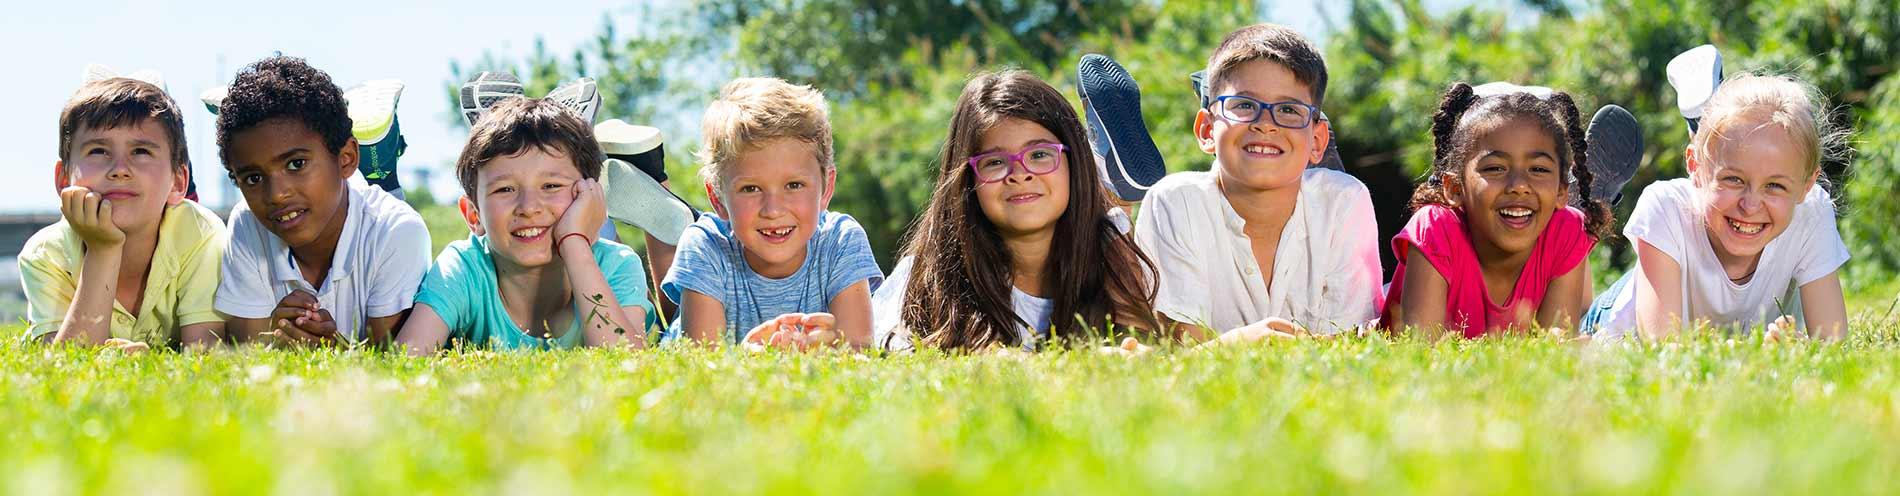 Kinderland Egglkofen - Kinder liegen fröhlich auf der Wiese